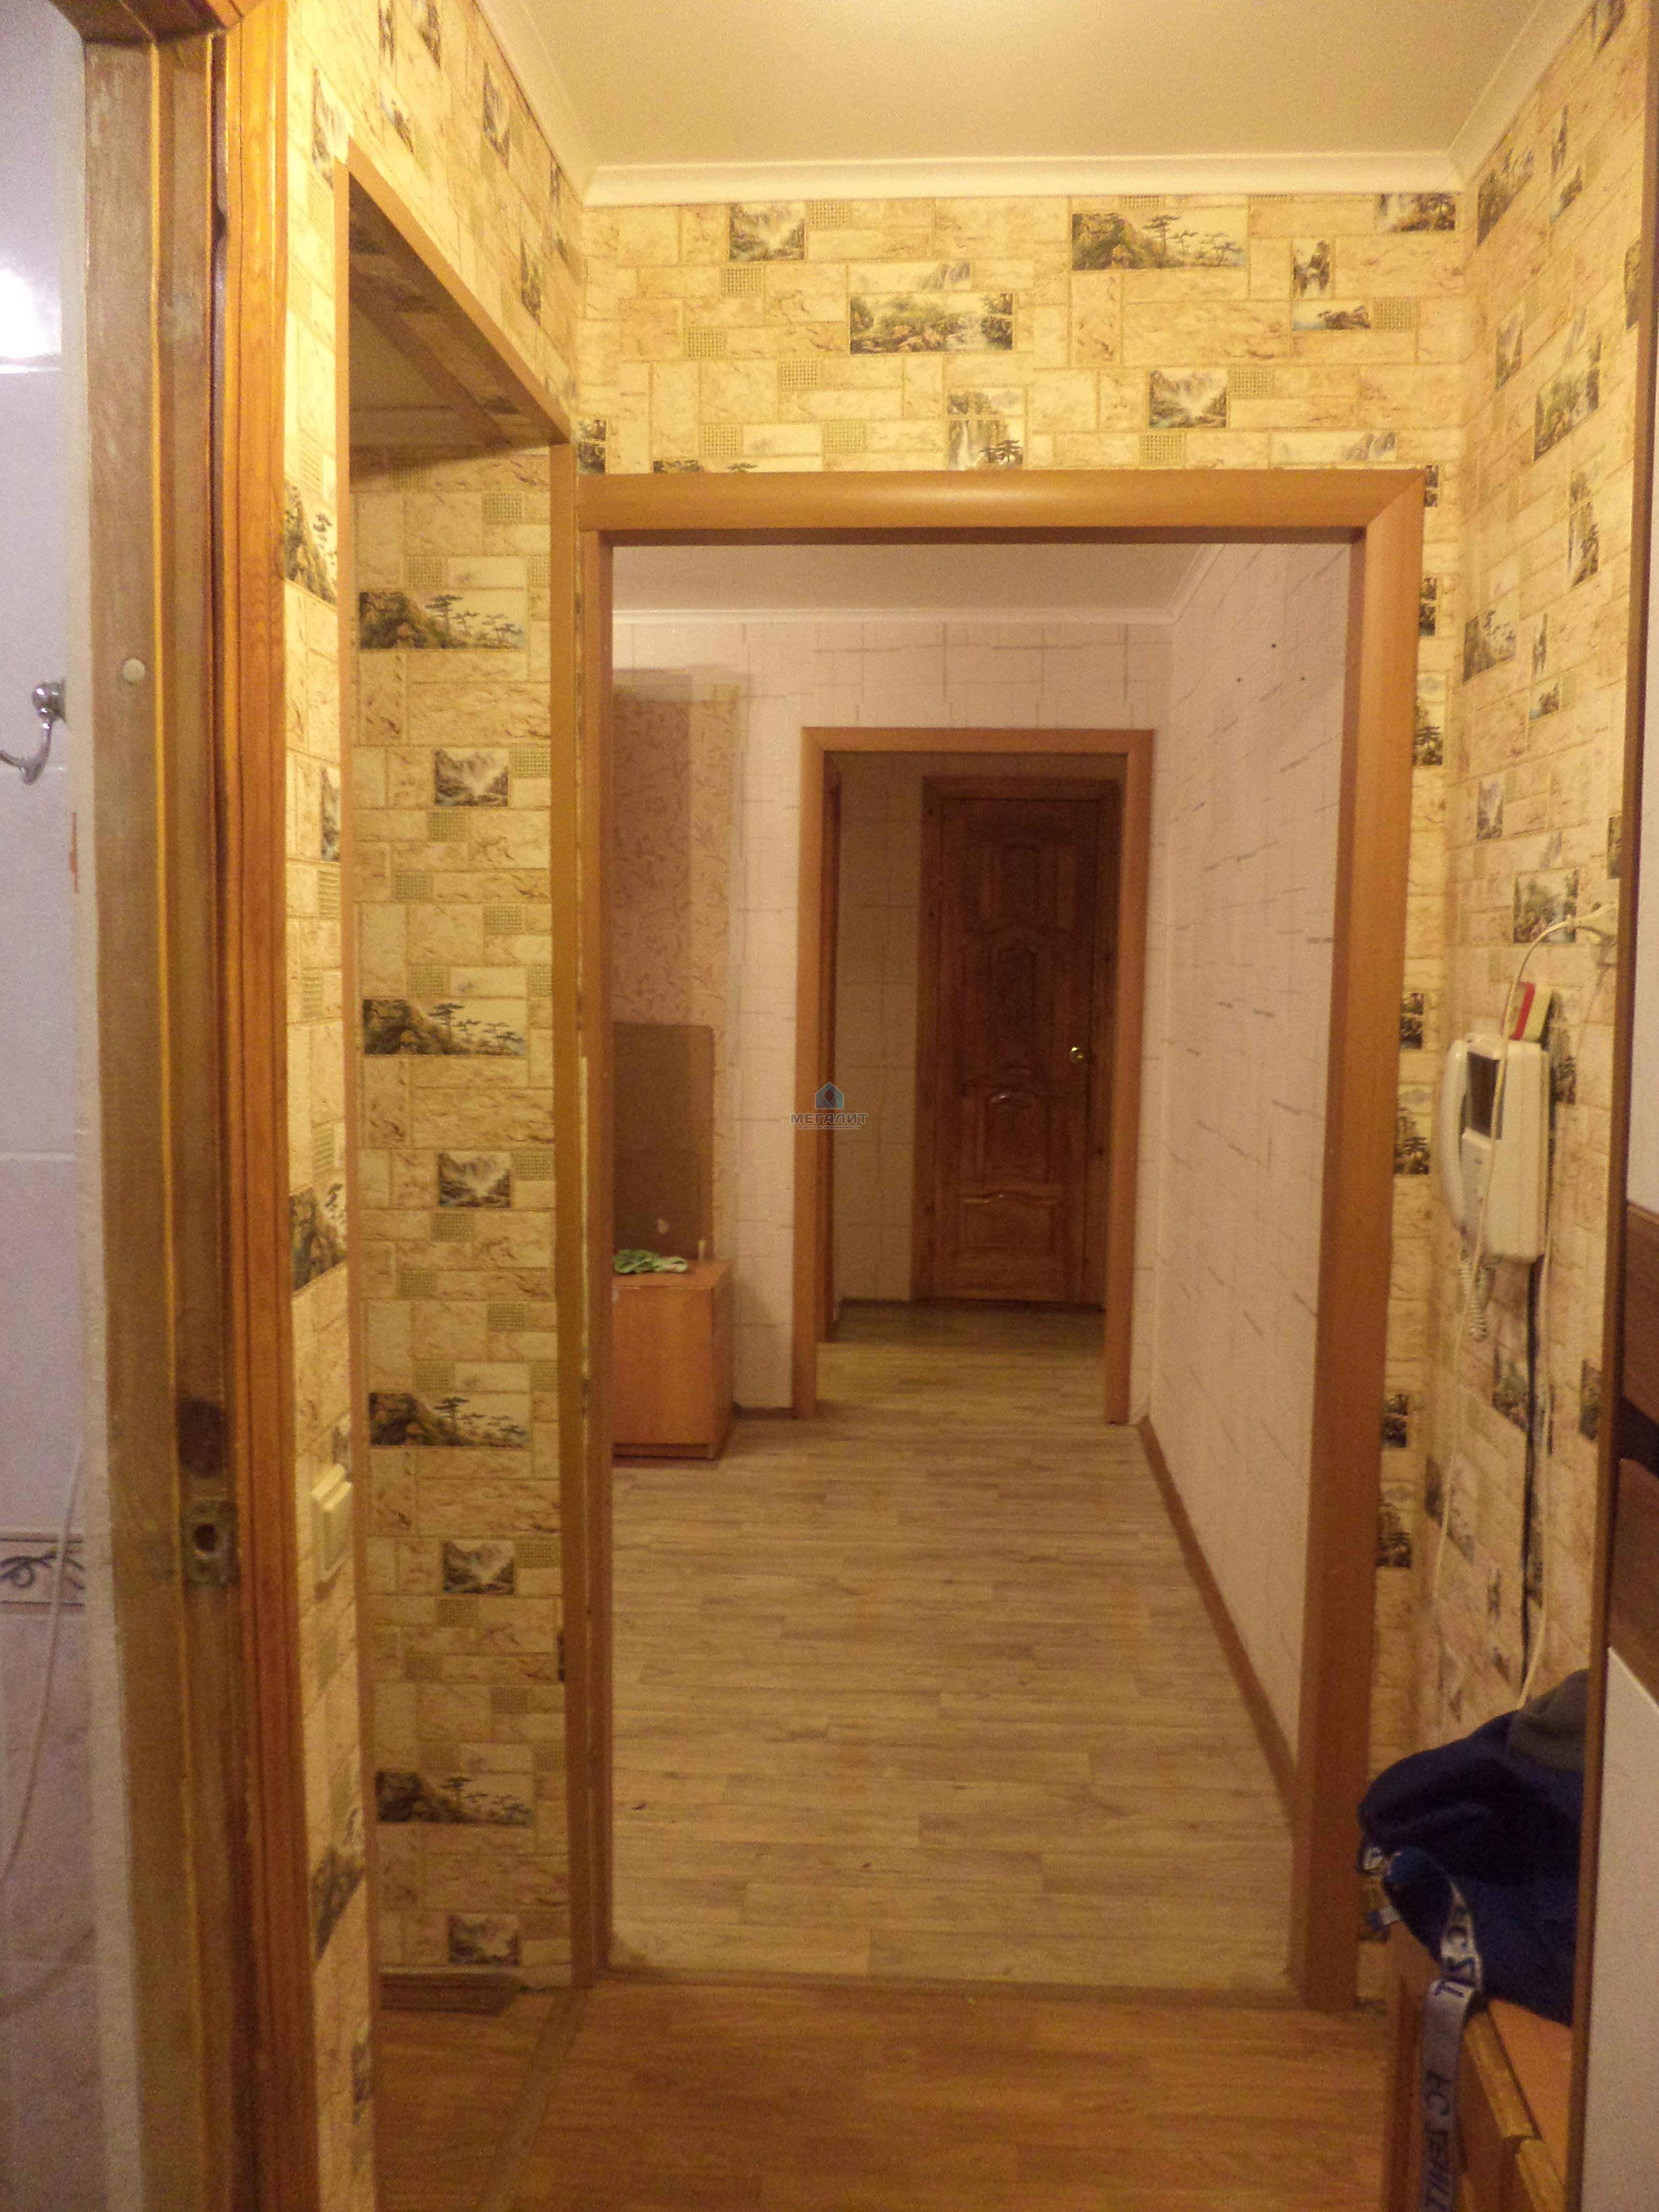 Аренда 3-к квартиры Новаторов 1, 57 м2  (миниатюра №7)